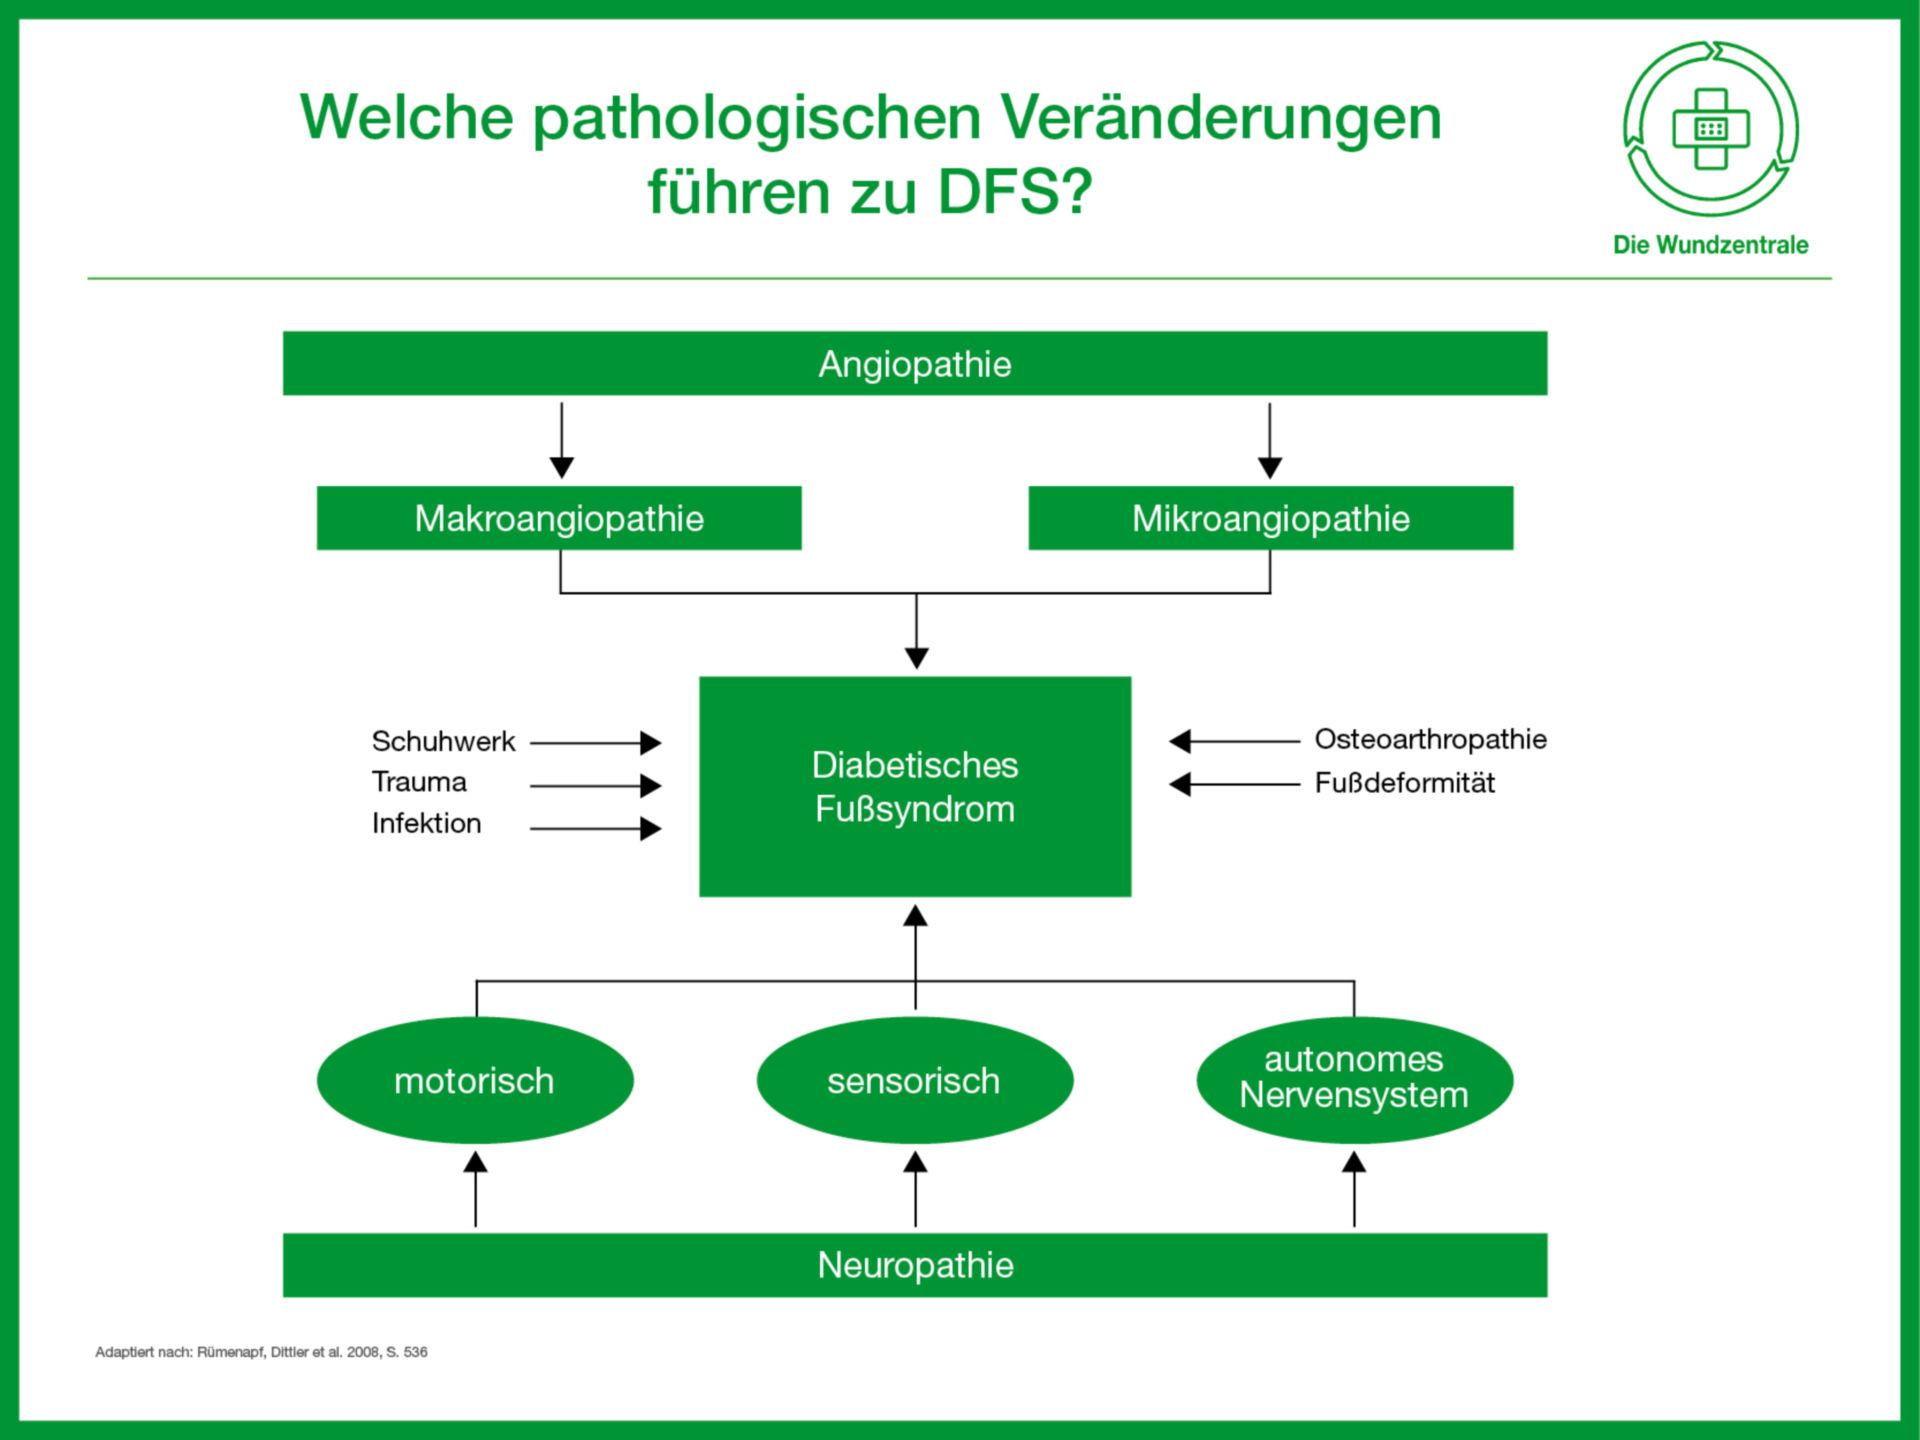 Welche pathologischen Veränderungen führen zum DFS?